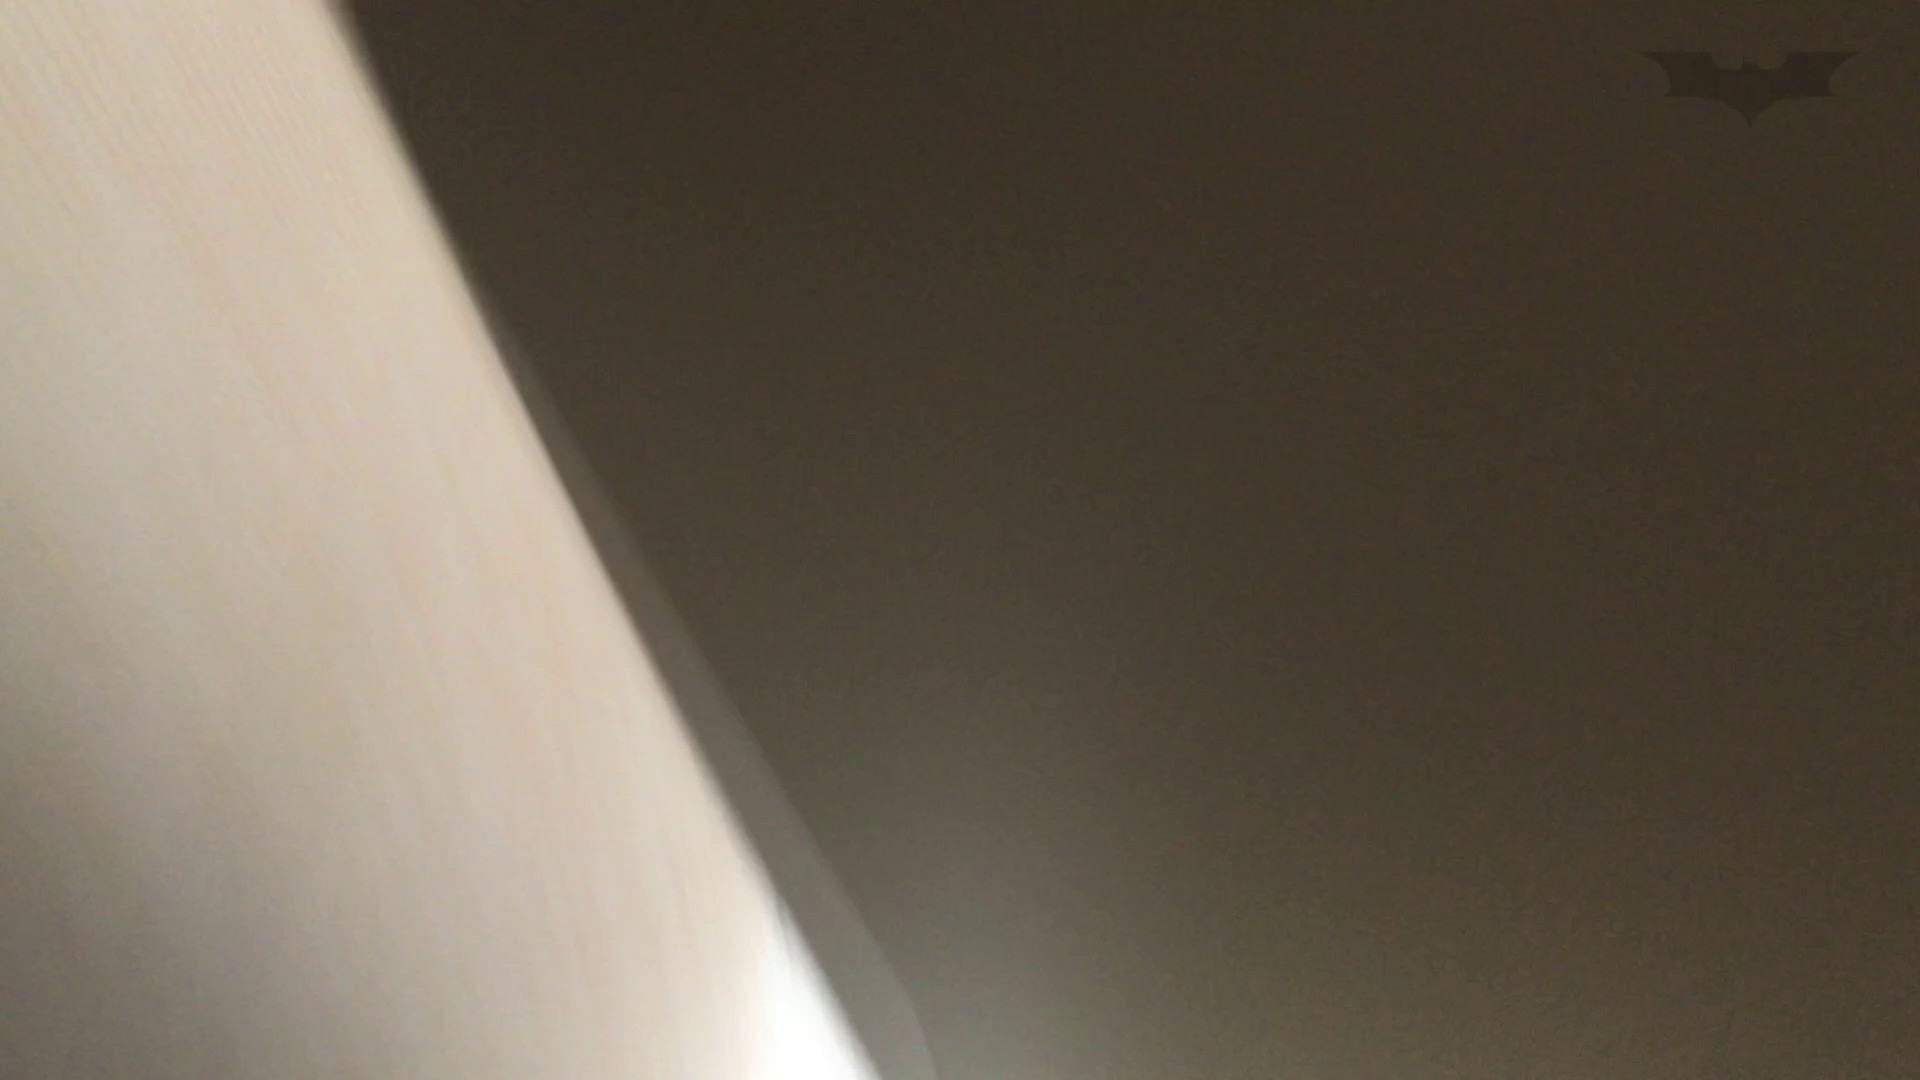 芸術大学ガチ潜入盗撮 JD盗撮 美女の洗面所の秘密 Vol.107 ギャル達 オマンコ動画キャプチャ 111枚 93